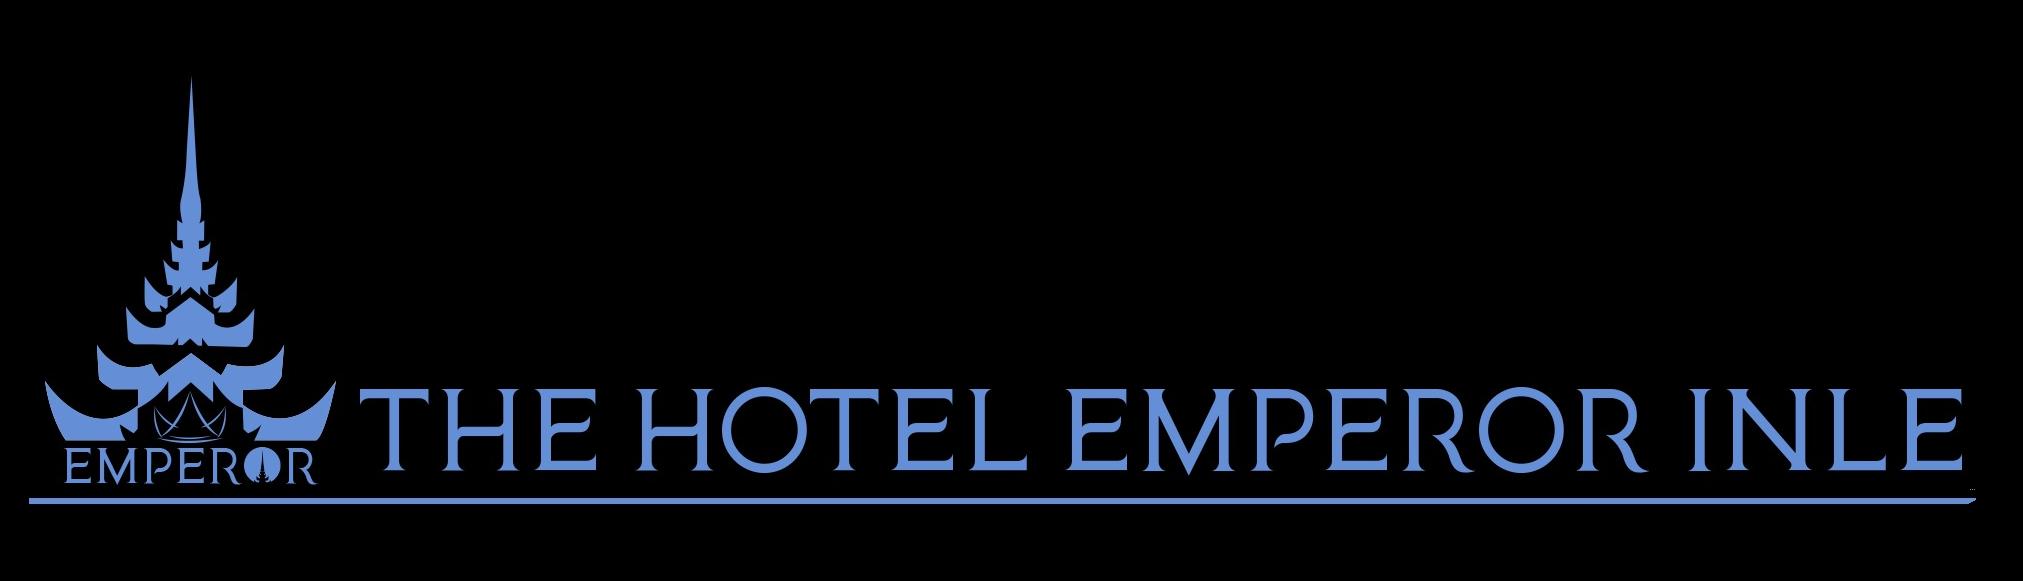 茵莱帝酒店